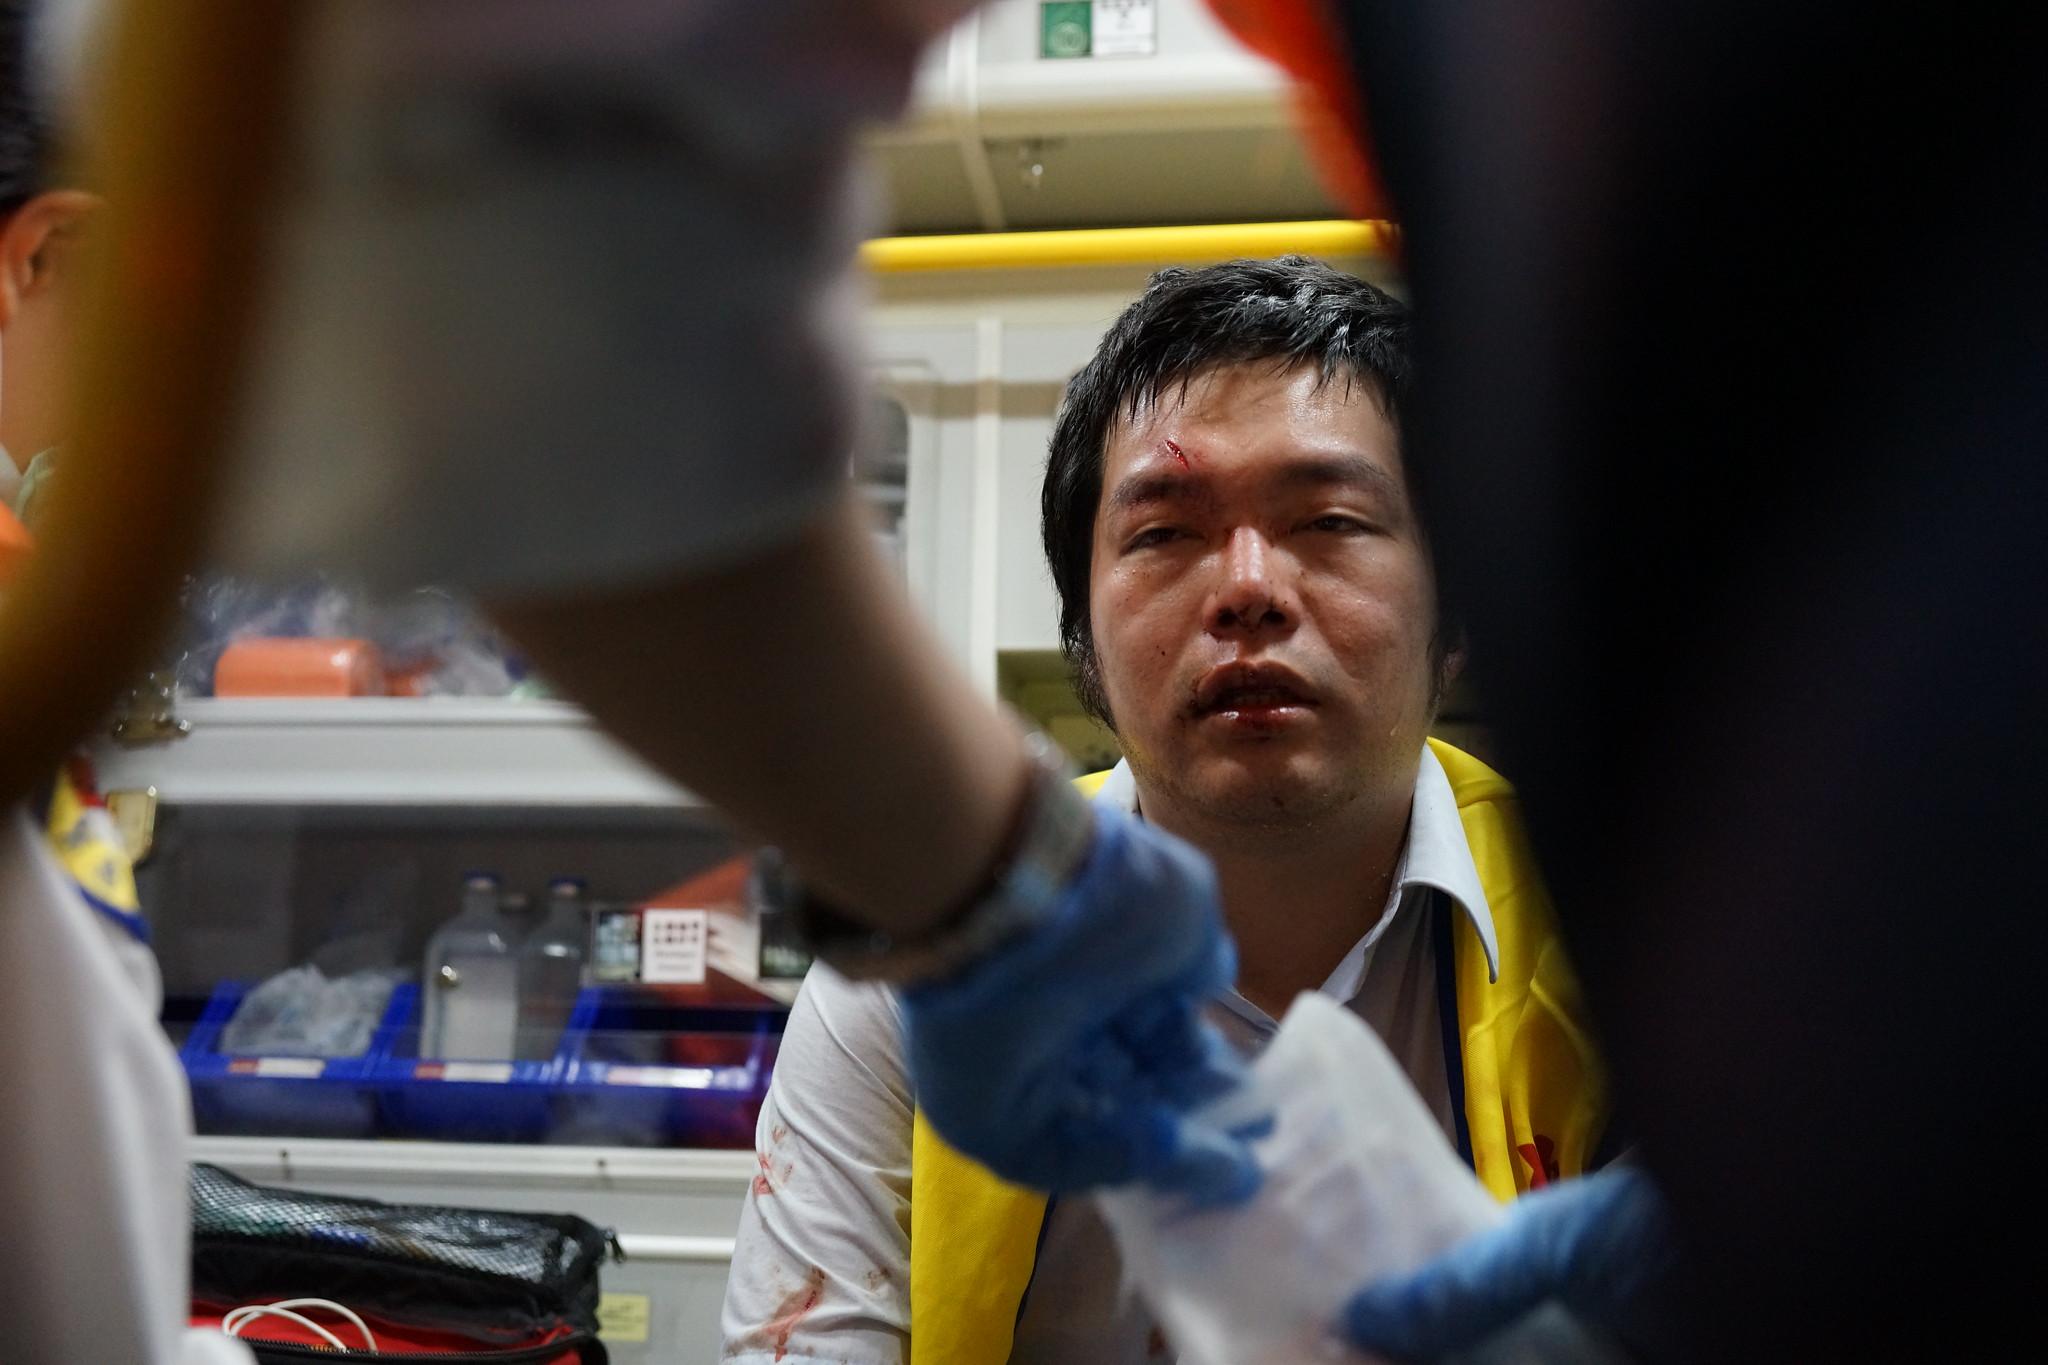 華潔工會秘書林莊周在推擠中頭部撕裂傷並送醫。(攝影:王顥中)